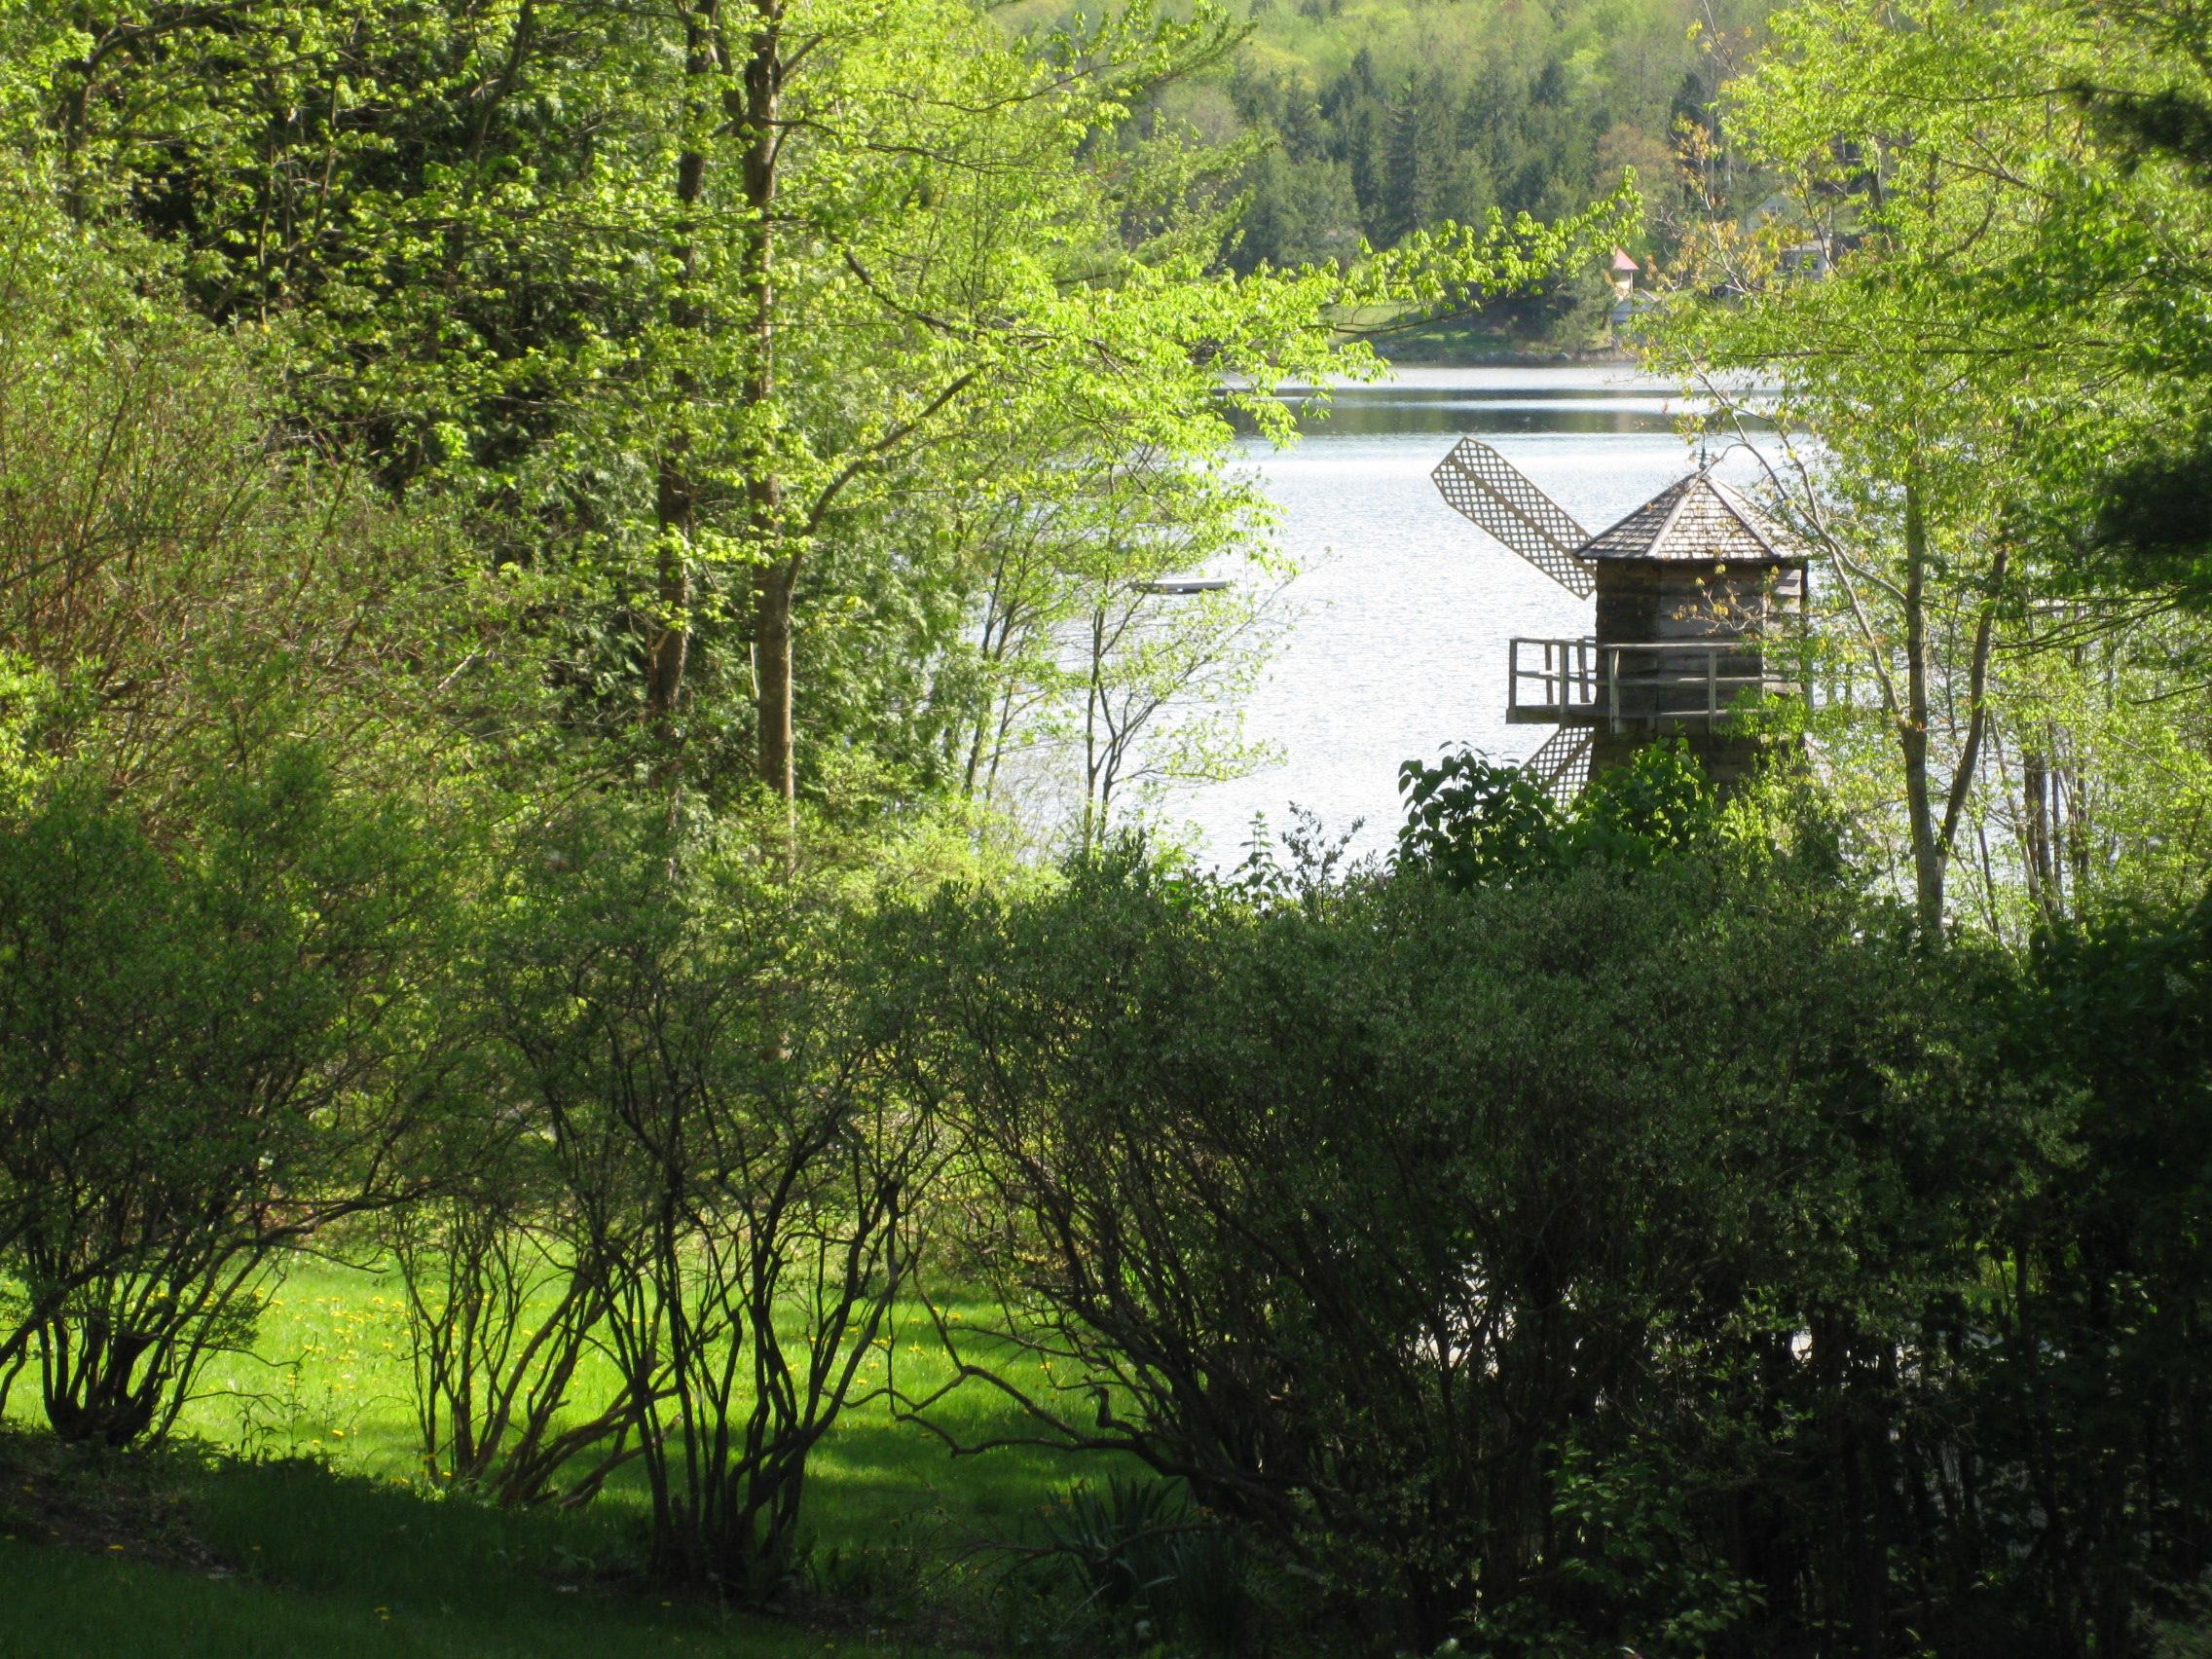 Bowman Lake Association